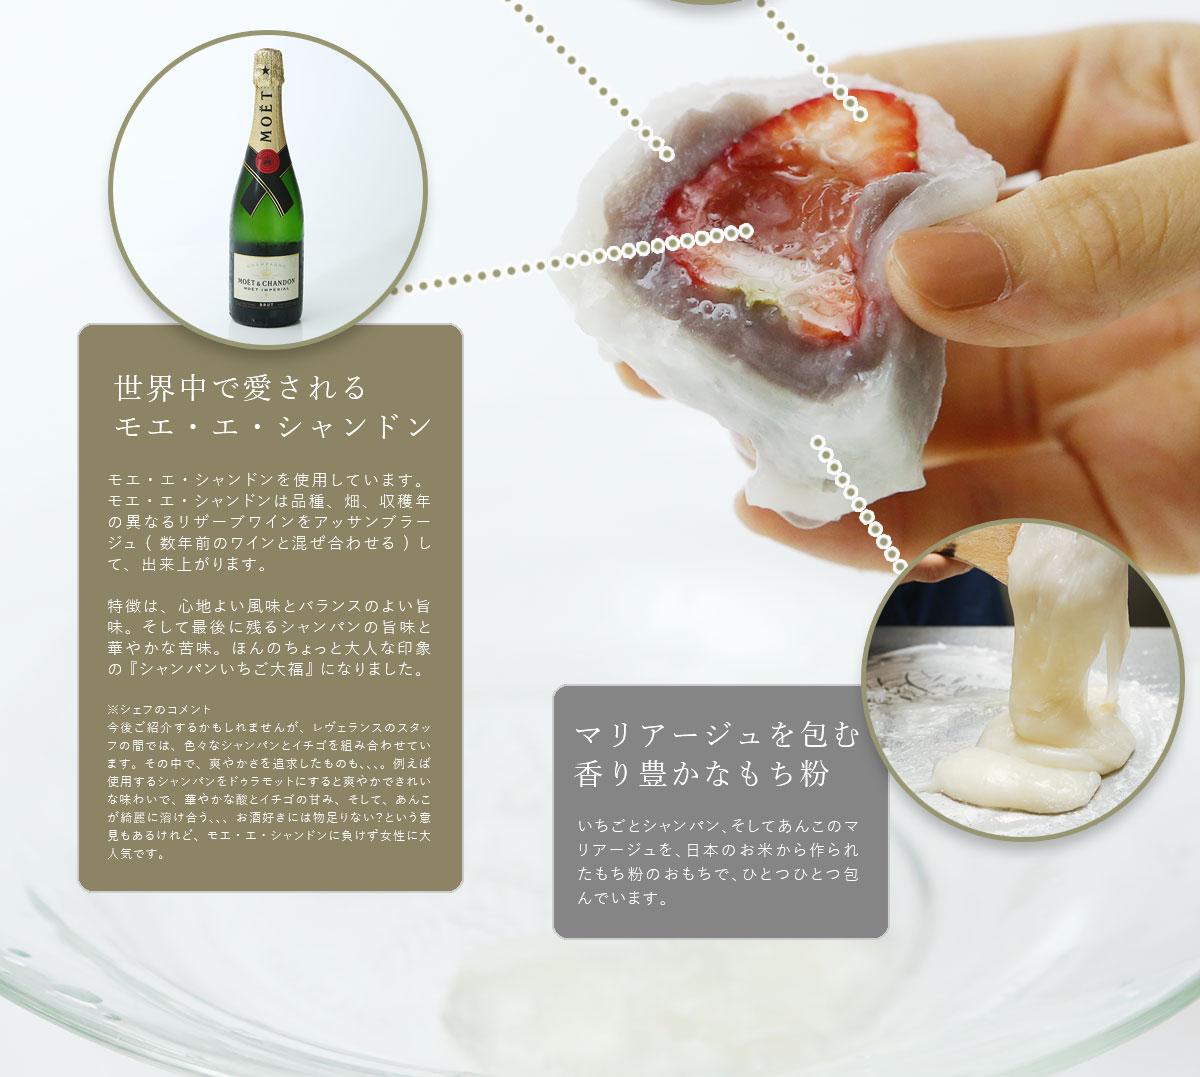 世界中で愛されるモエ・エ・シャンドン。最後に残るシャンパンの旨味と華やかな苦味